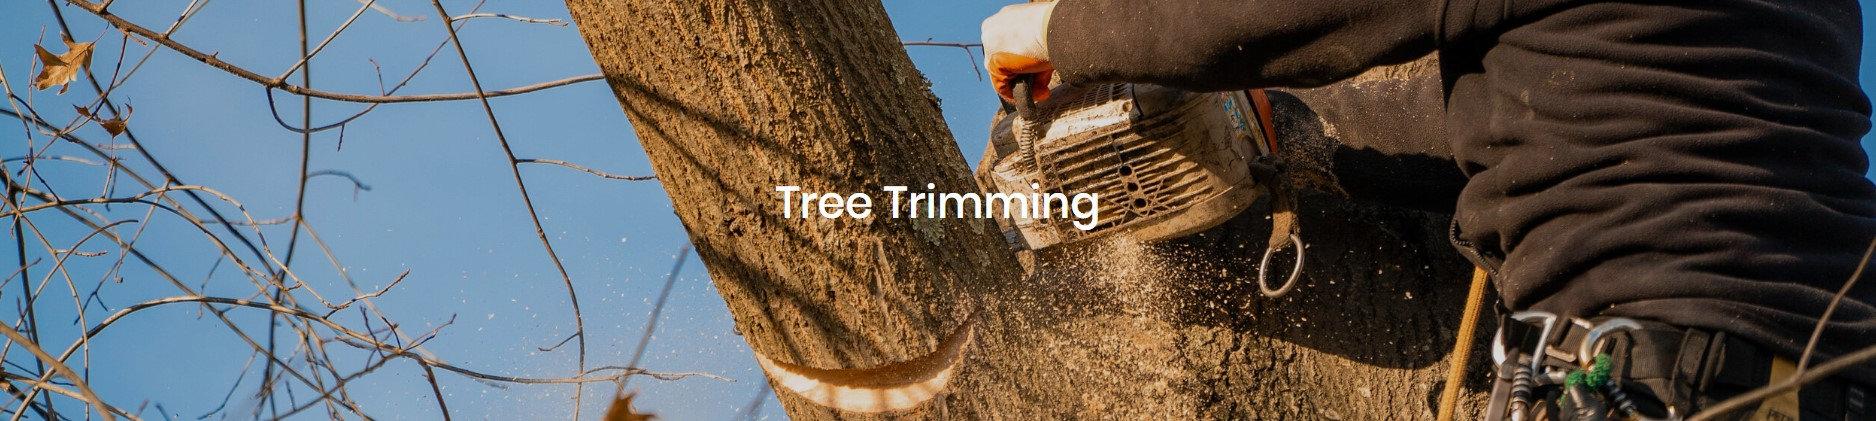 tree triming.jpg